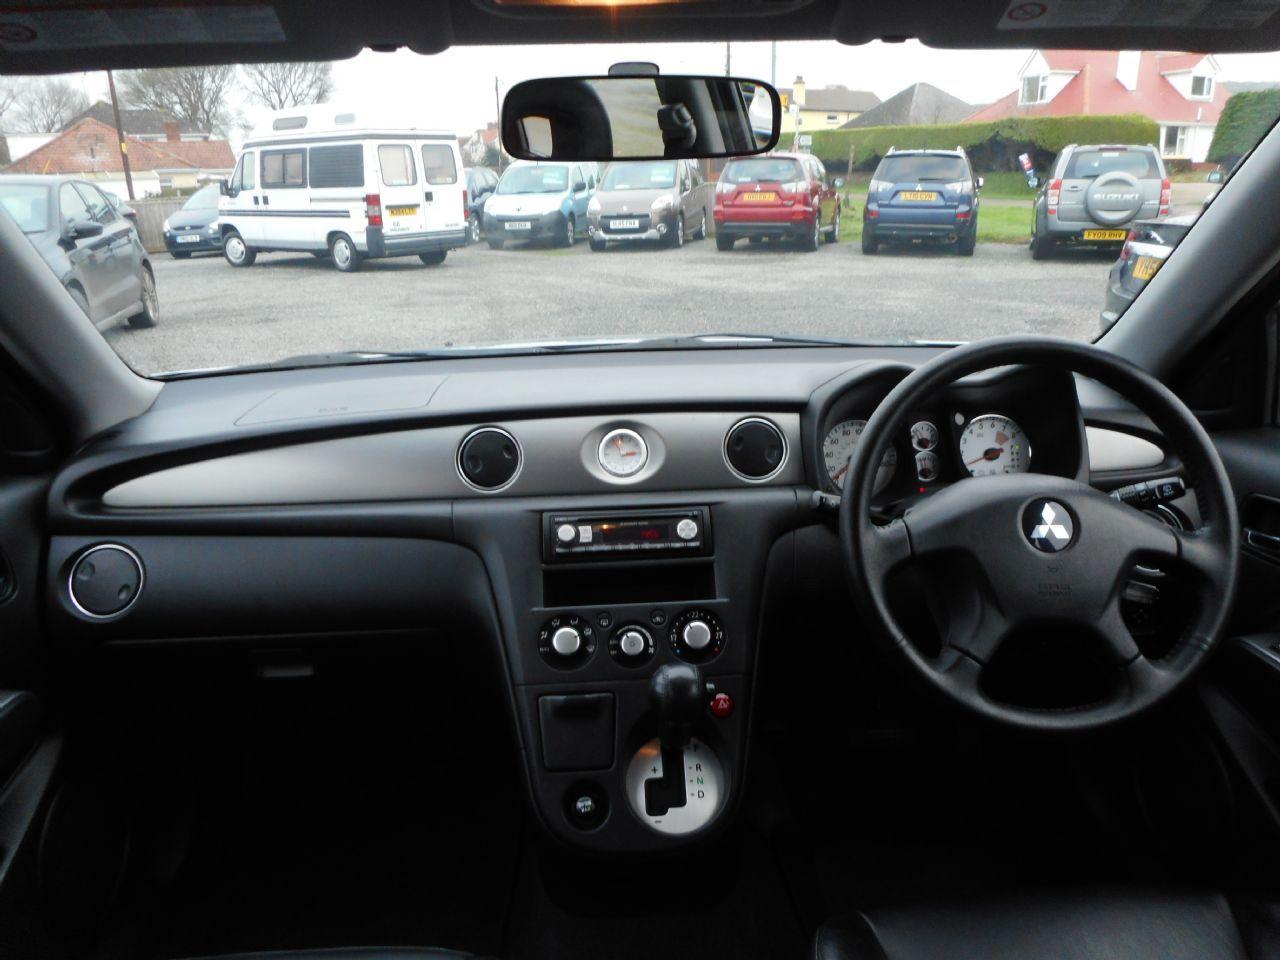 MITSUBISHI OUTLANDER 2.4 MIVEC Sport SE Auto (2006) - Picture 9